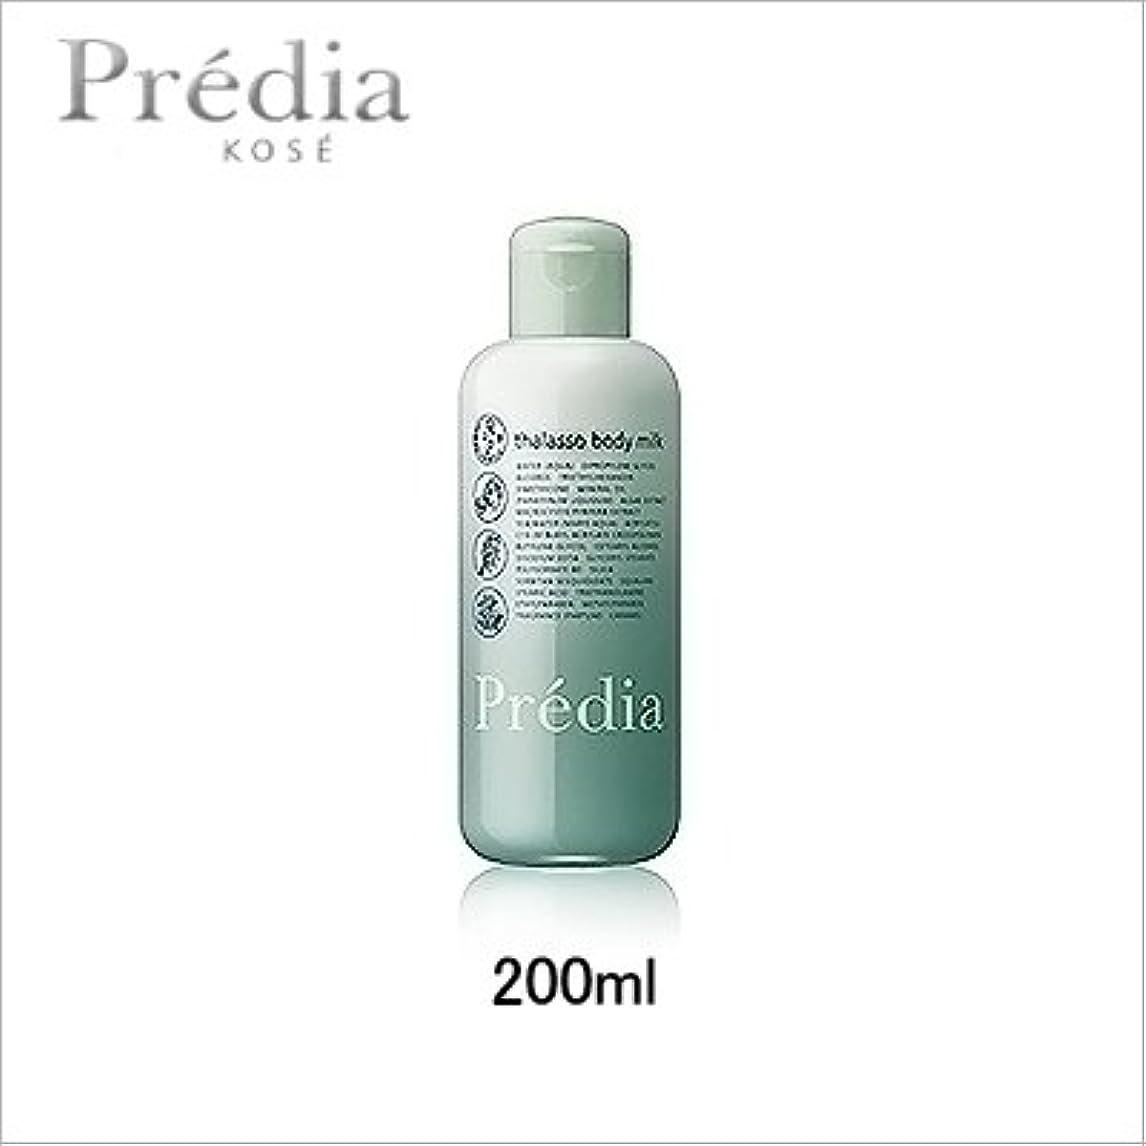 断言する重さ素敵なコーセー プレディア タラソ ボディミルク 200mL